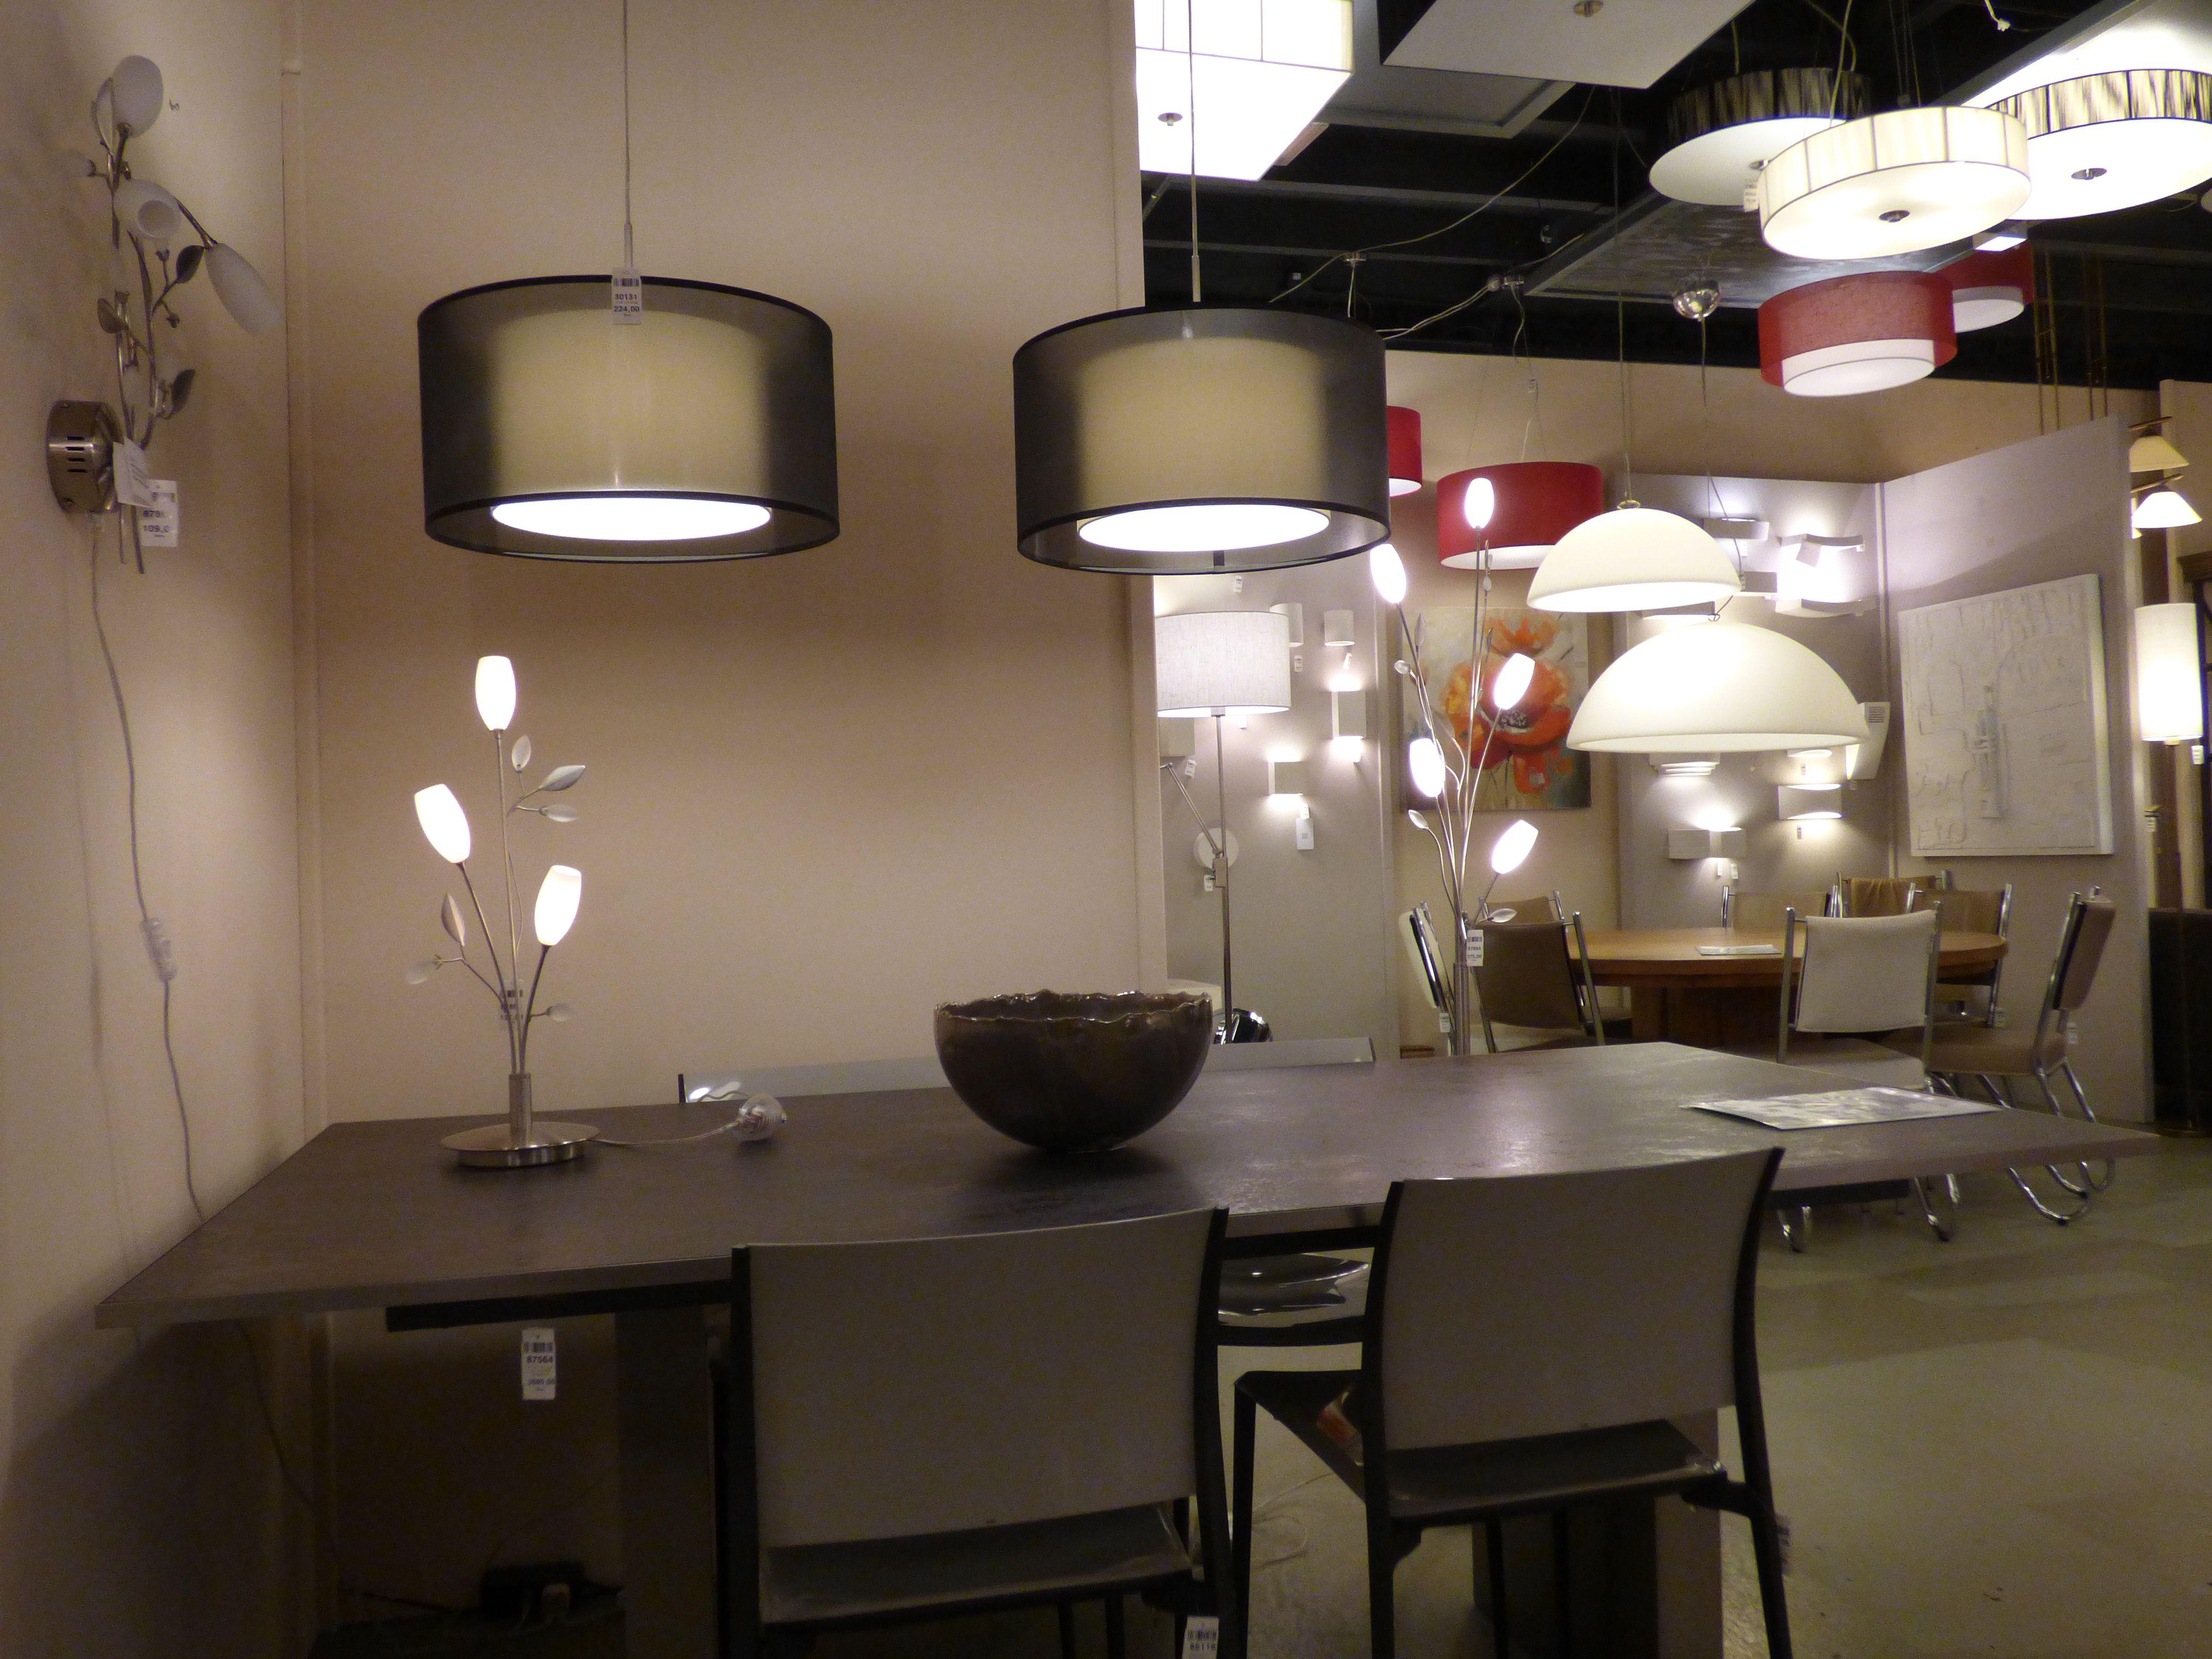 Iluminaci n tienda l mparas para sala decoraci n - Lampara para comedor techo ...